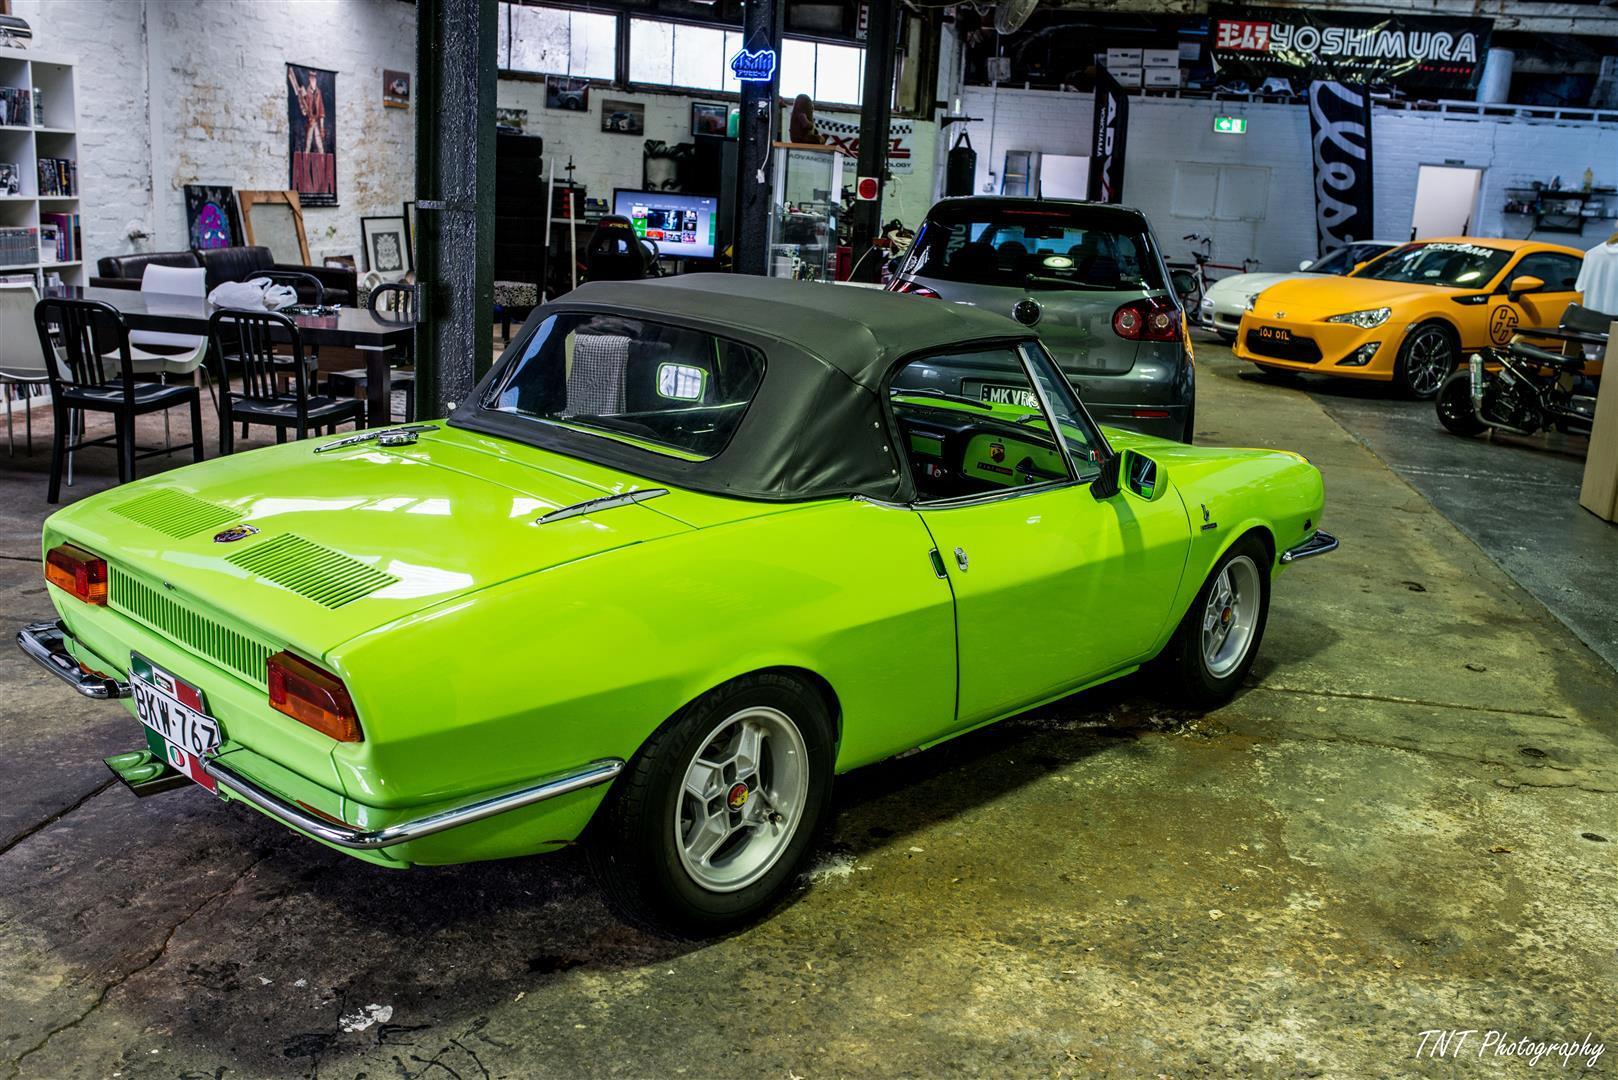 1970 Fiat 850 Spider Abarth Zen Garage